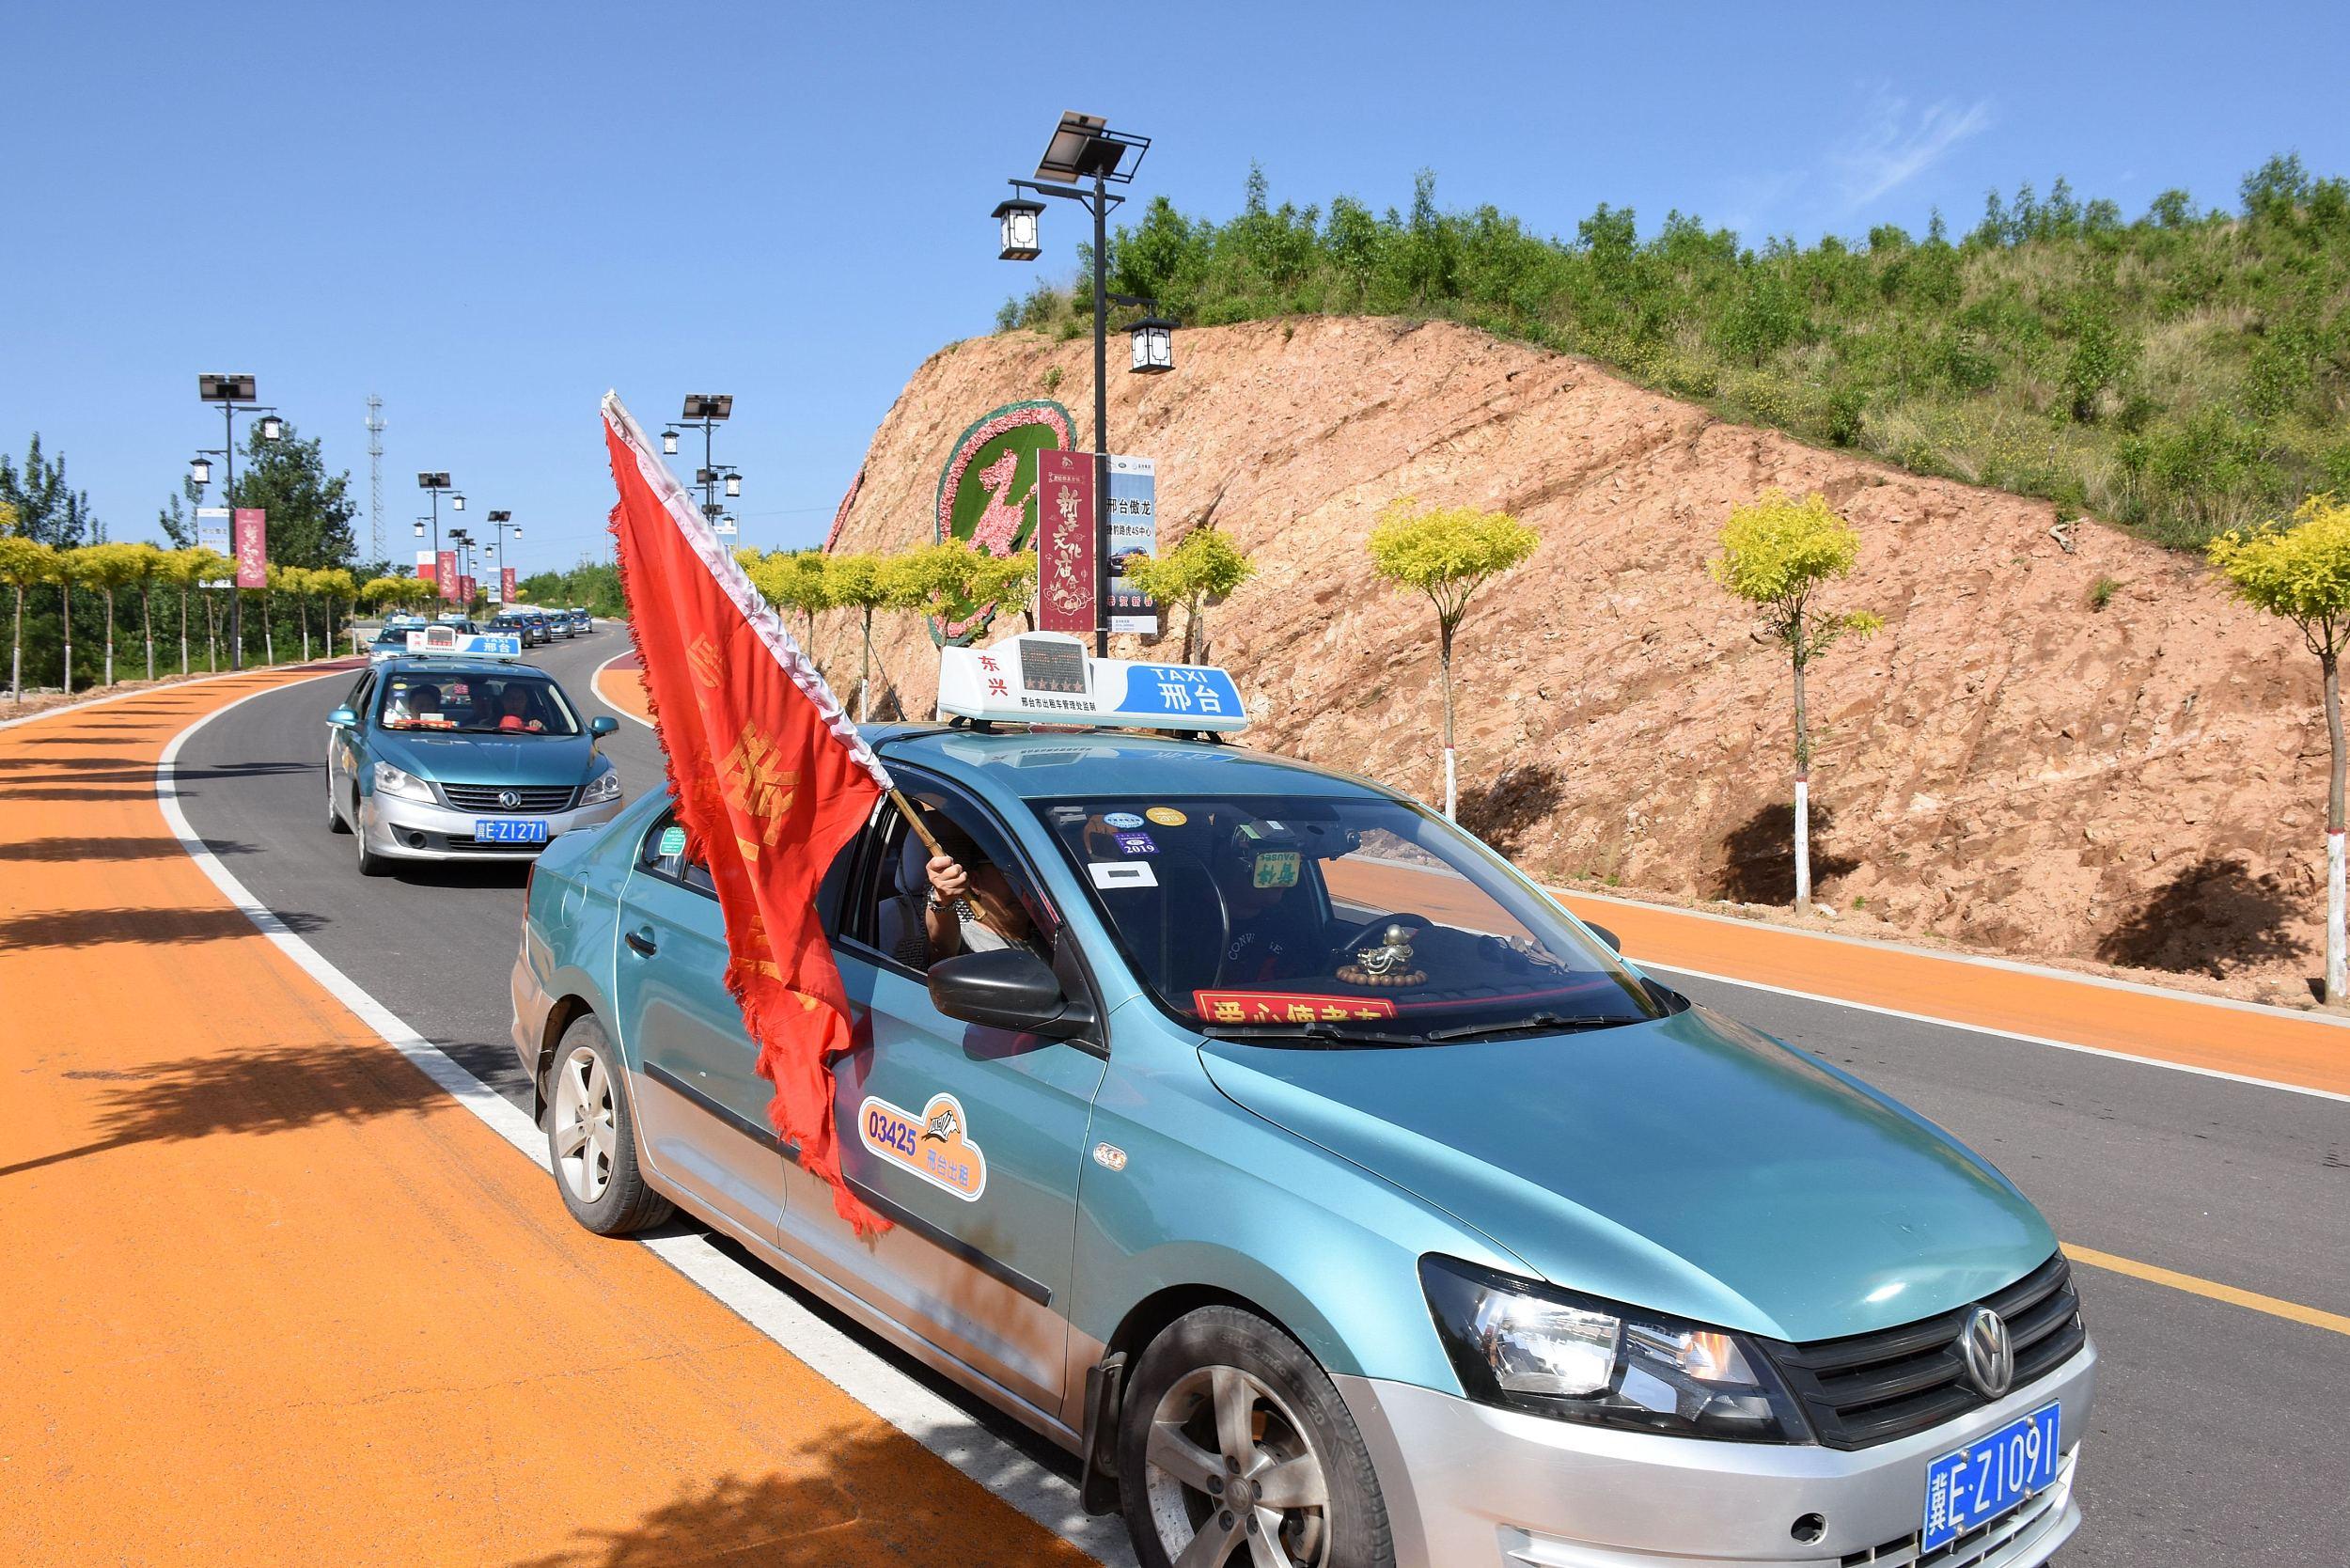 2018年5月23日,河北省邢台市出租车管理处爱心车队助残志愿者载着30余图片